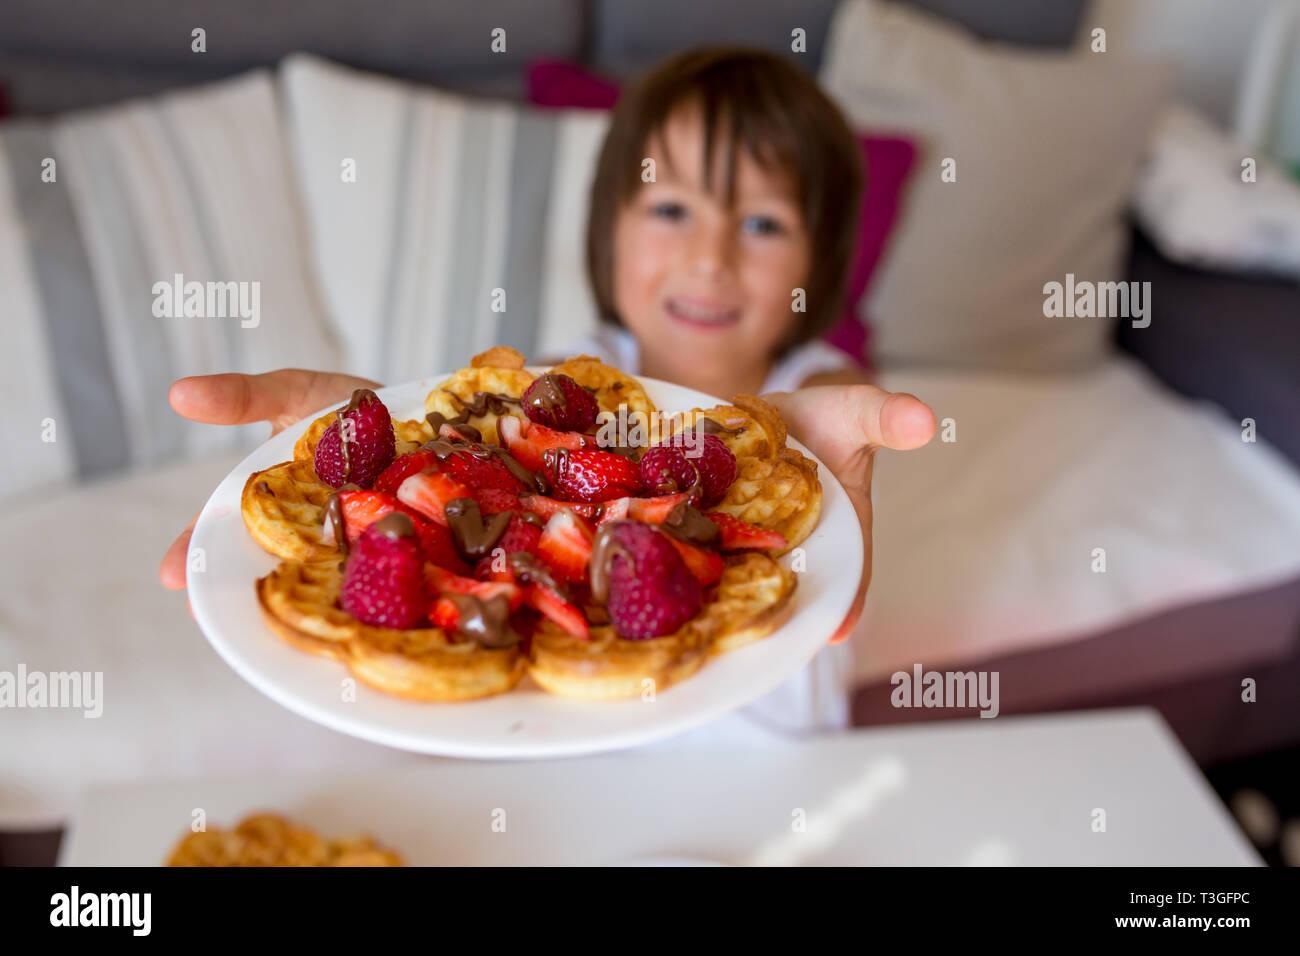 Dulce niño cumpleaños comiendo gofre belga con fresas, frambuesas y chocolate en casa Foto de stock